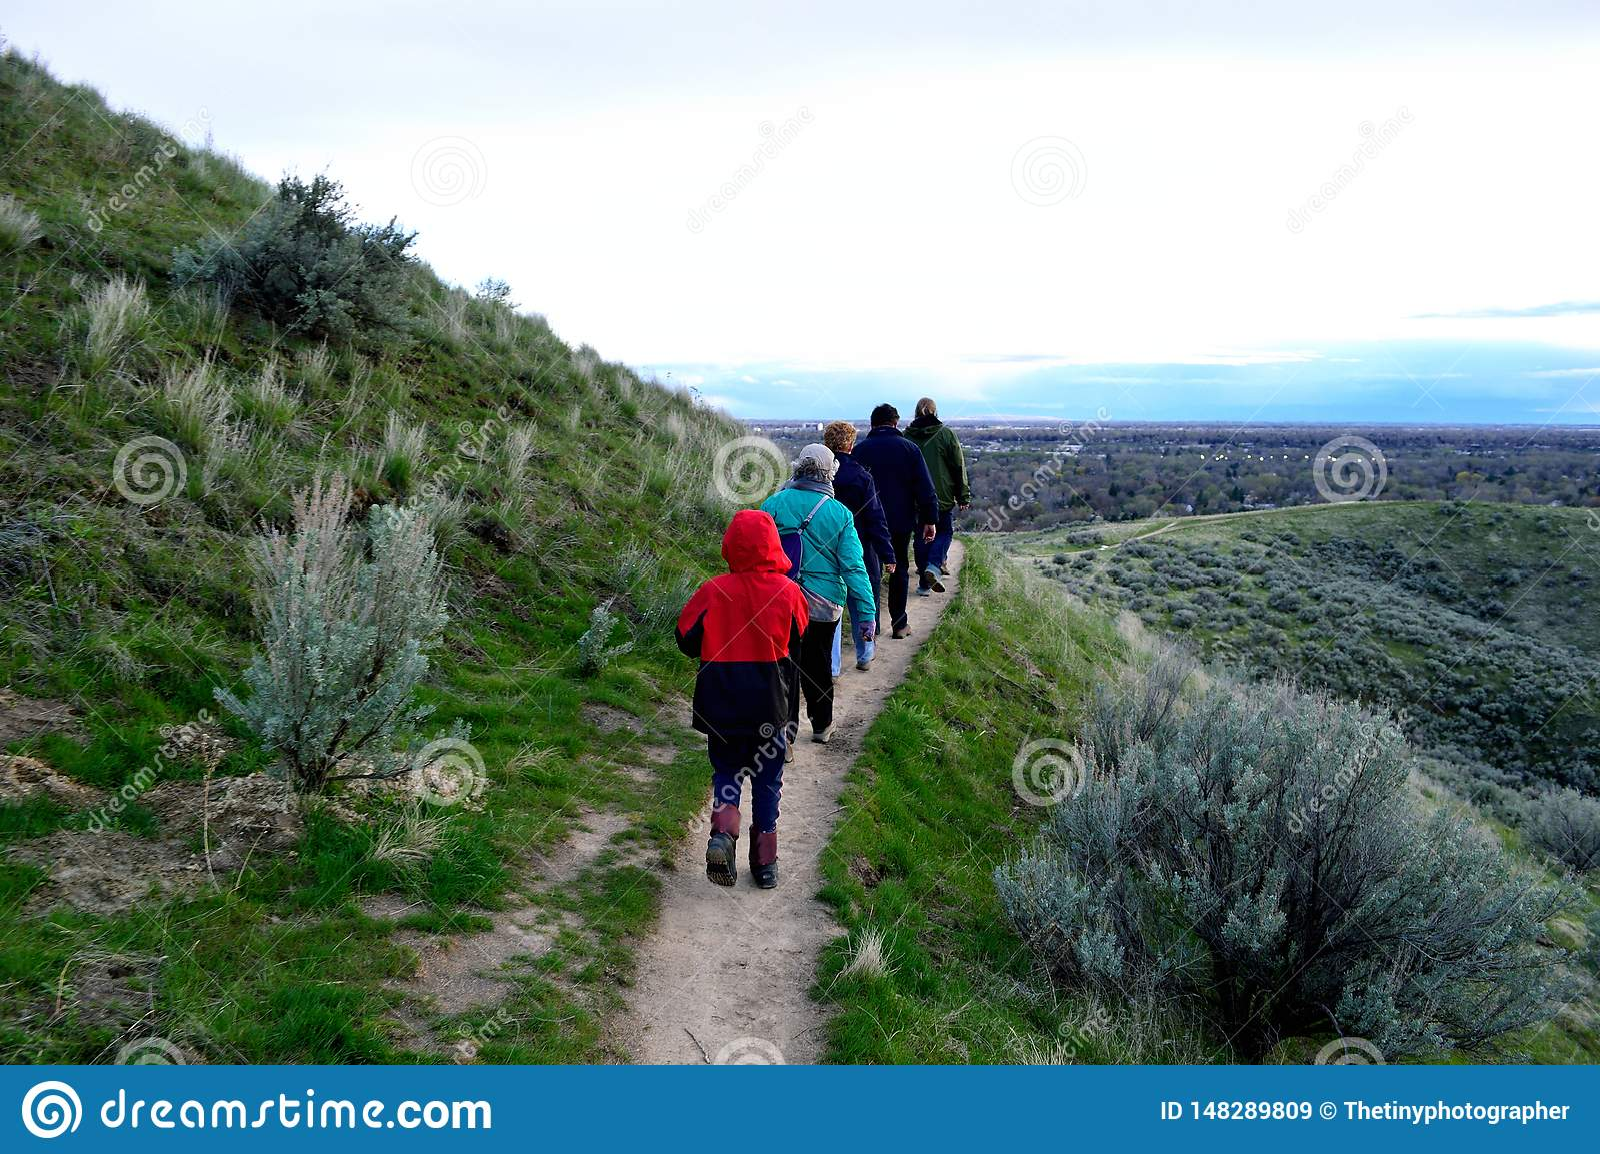 Grupo de caminantes en Boise Foothills al norte de la ciudad